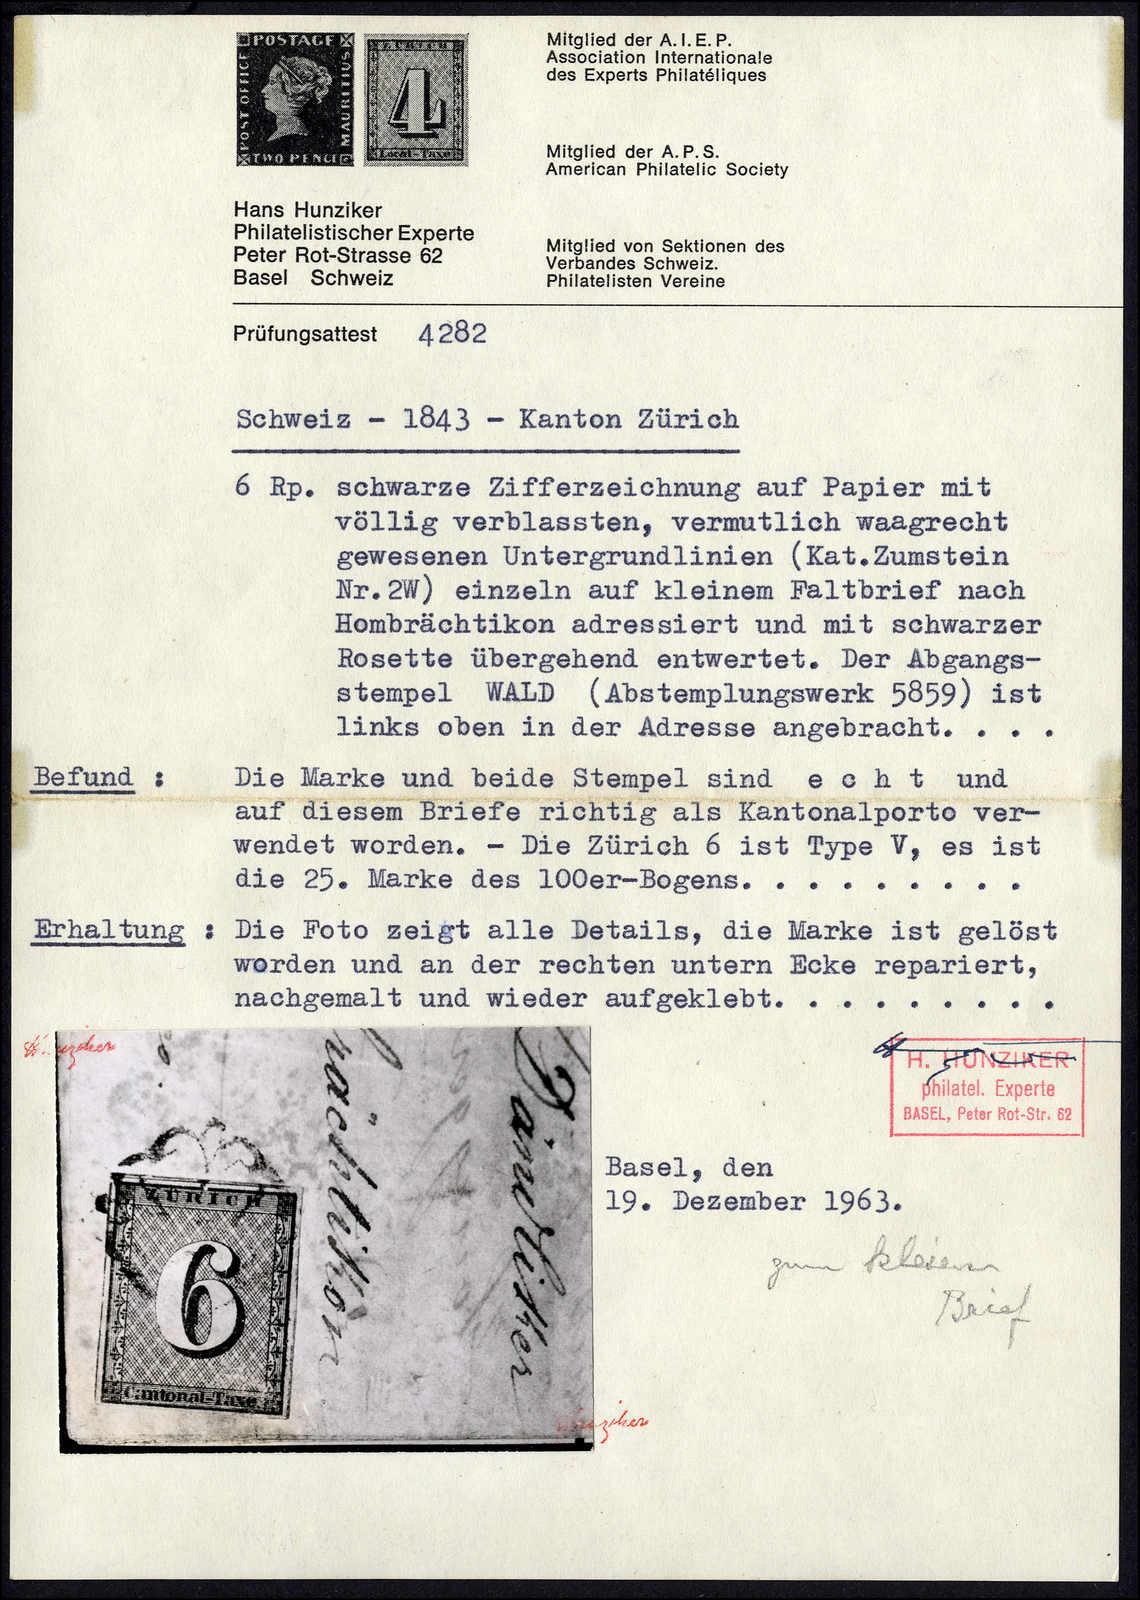 Lot 1001 - schweiz schweiz kantone zürich -  Rolli Auctions Auction #68 Day 2